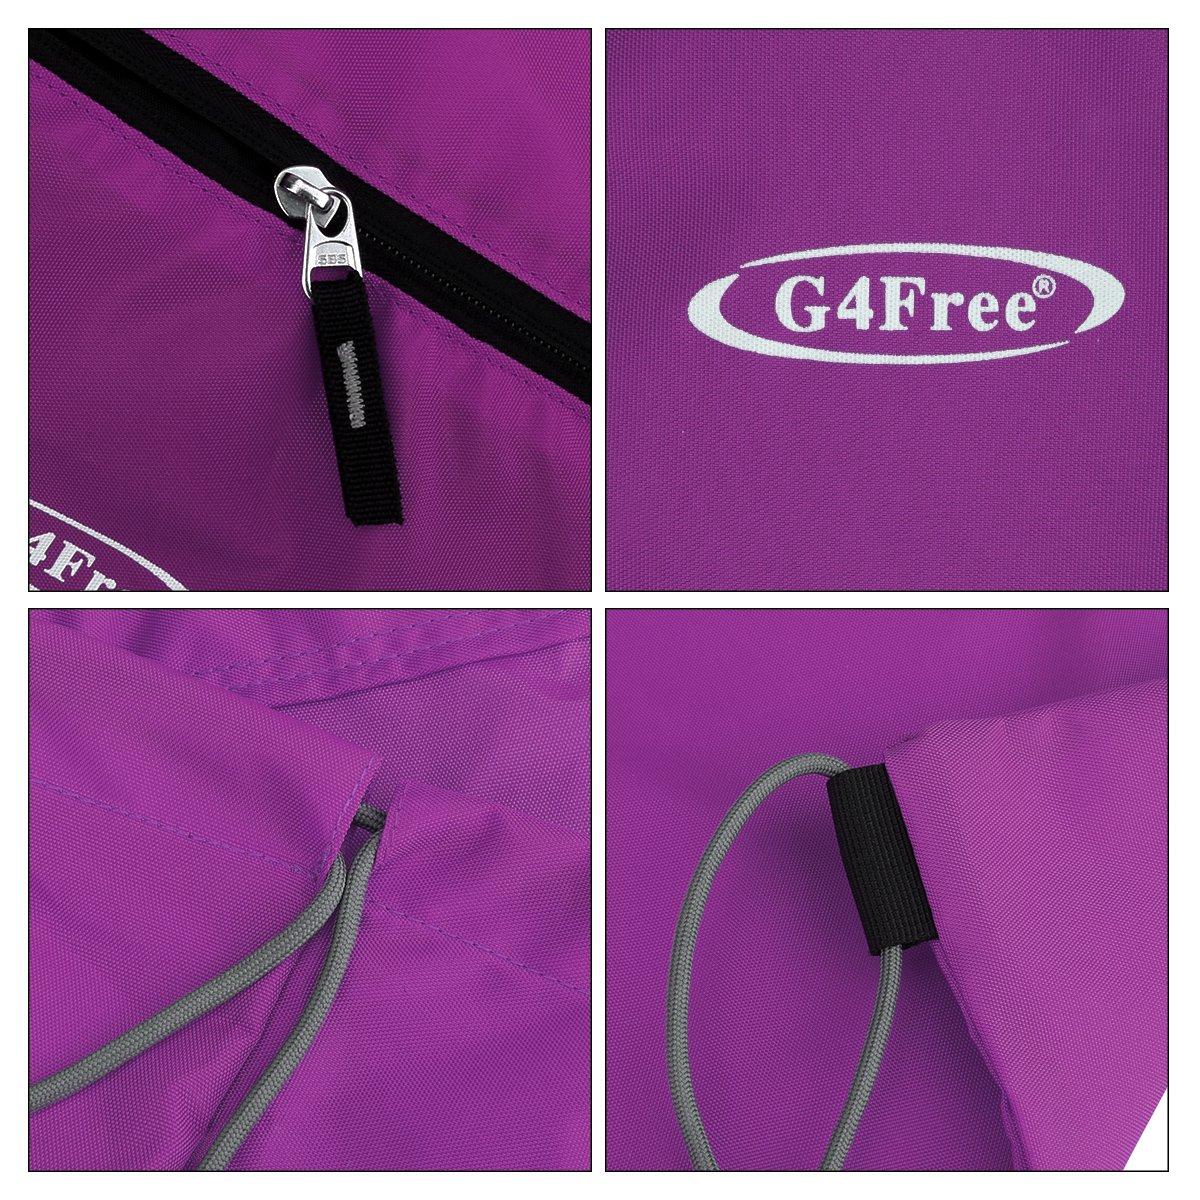 Sac de sport//Sac /à dos//Sac de piscine//sac d/'/école G4free avec cordon de serrage pour adultes et enfants